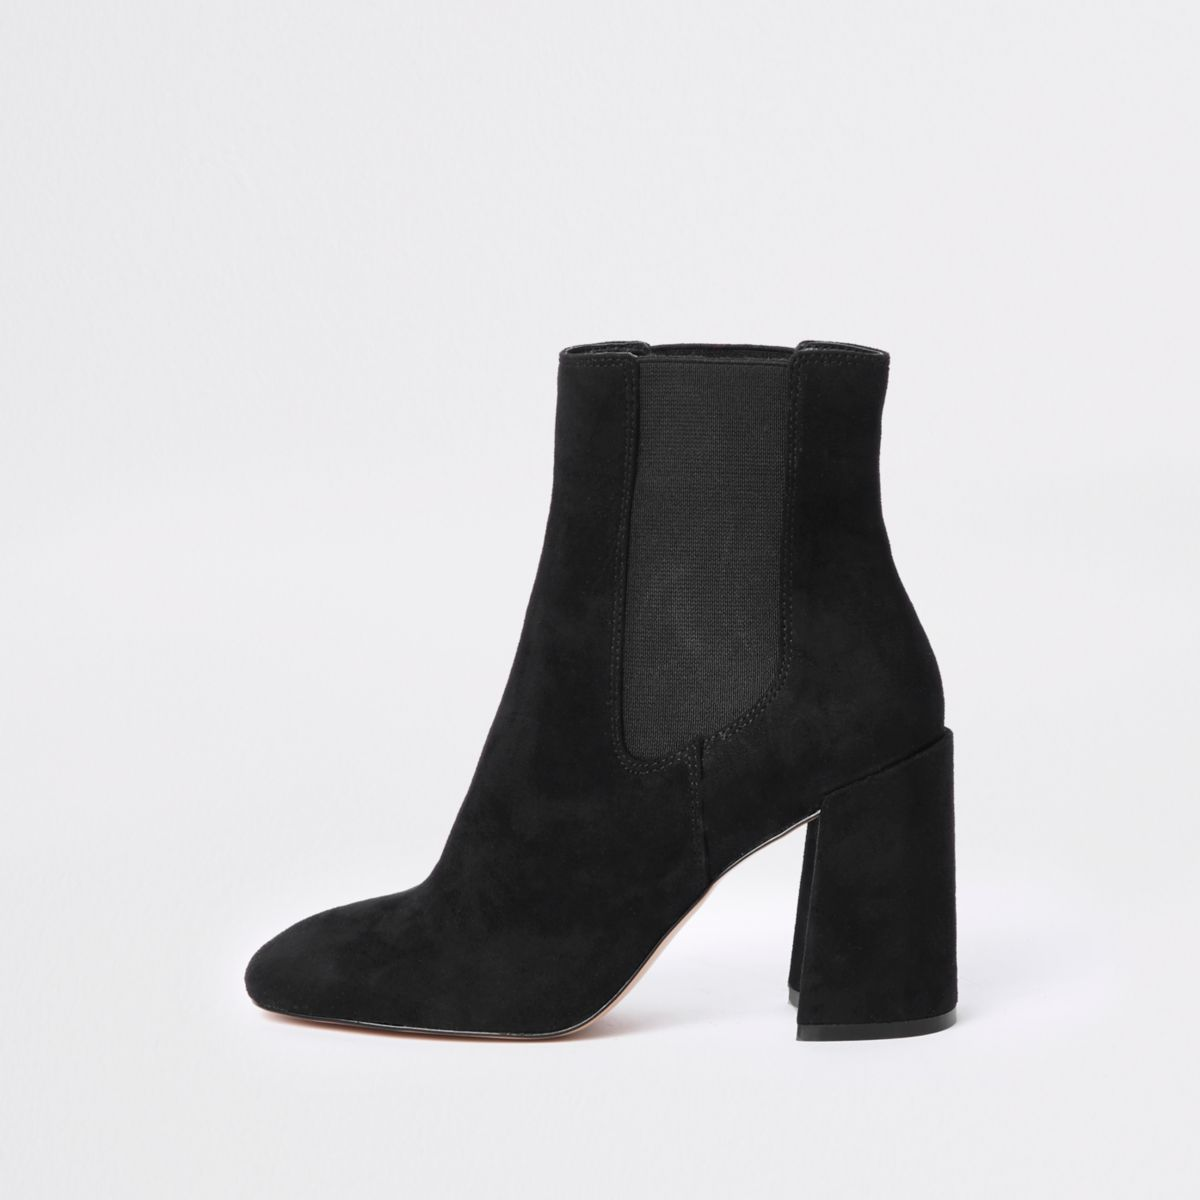 Schwarze Stiefel mit Blockabsatz und eckiger Zehenpartie